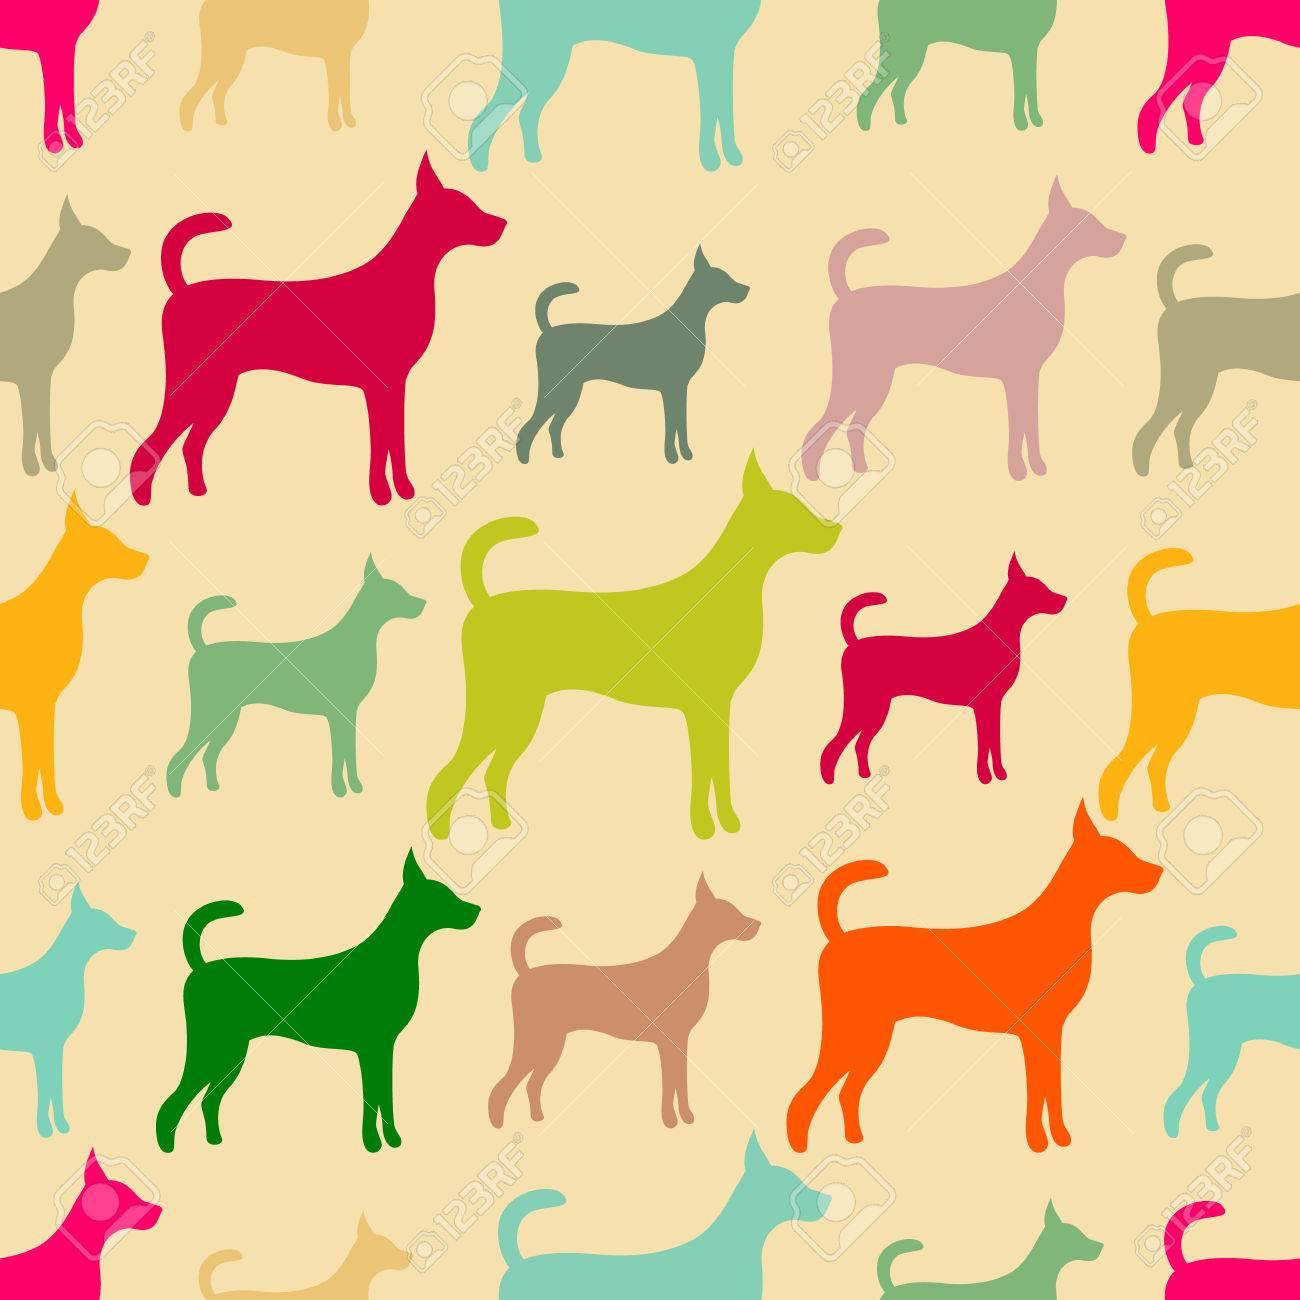 Increíble Impresiones De Perro Páginas En Color Imágenes - Dibujos ...